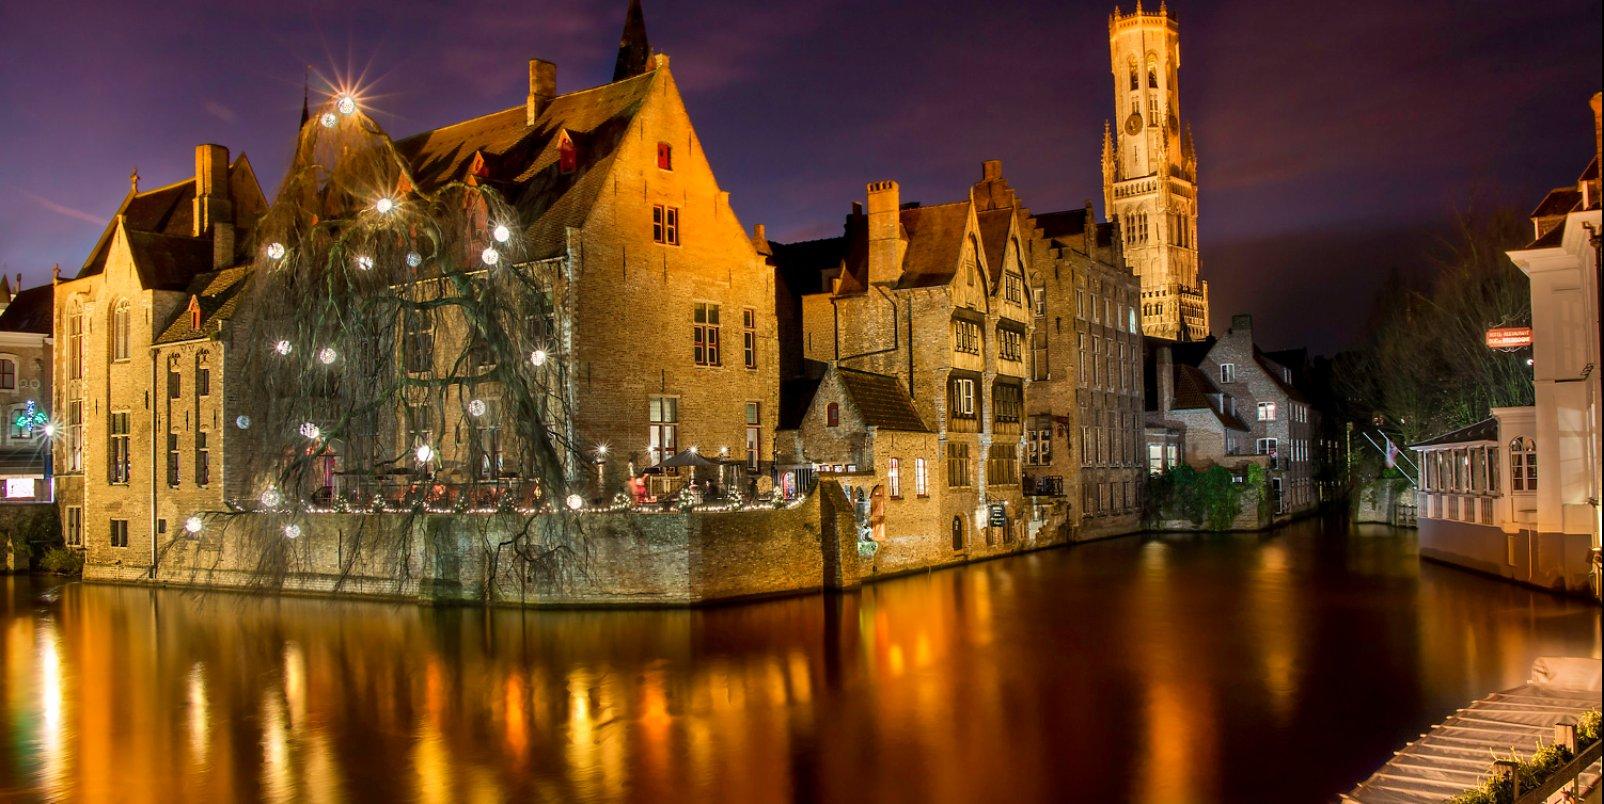 #BF800C Belgique Bruxelles Bruges Lille Et Leurs Marchés De Noël  5353 decorations de noel bruxelles 1604x804 px @ aertt.com